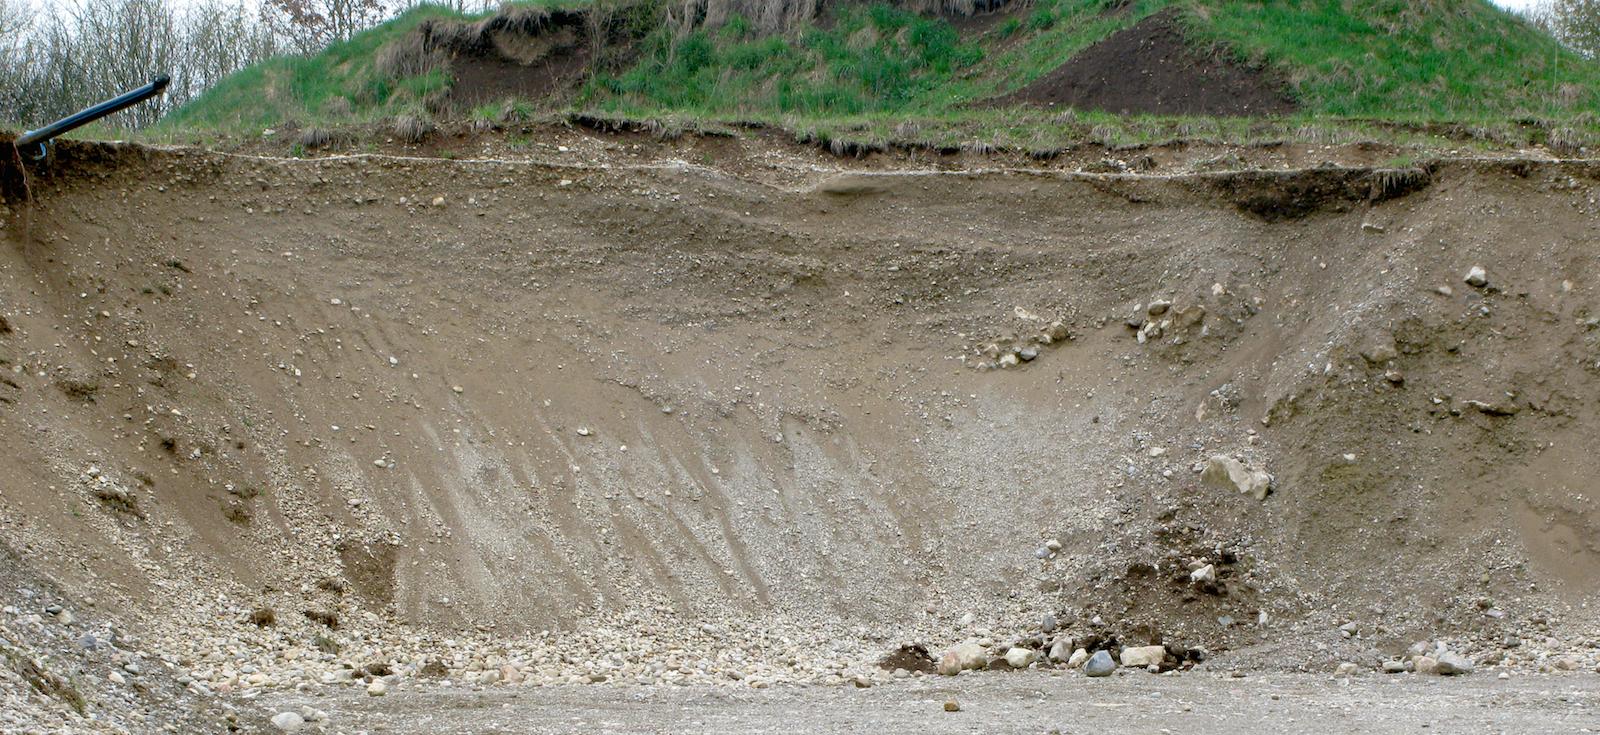 Chiemgau Impakt Tsunami Eglsee Kiesgrube Kreuzschichtung